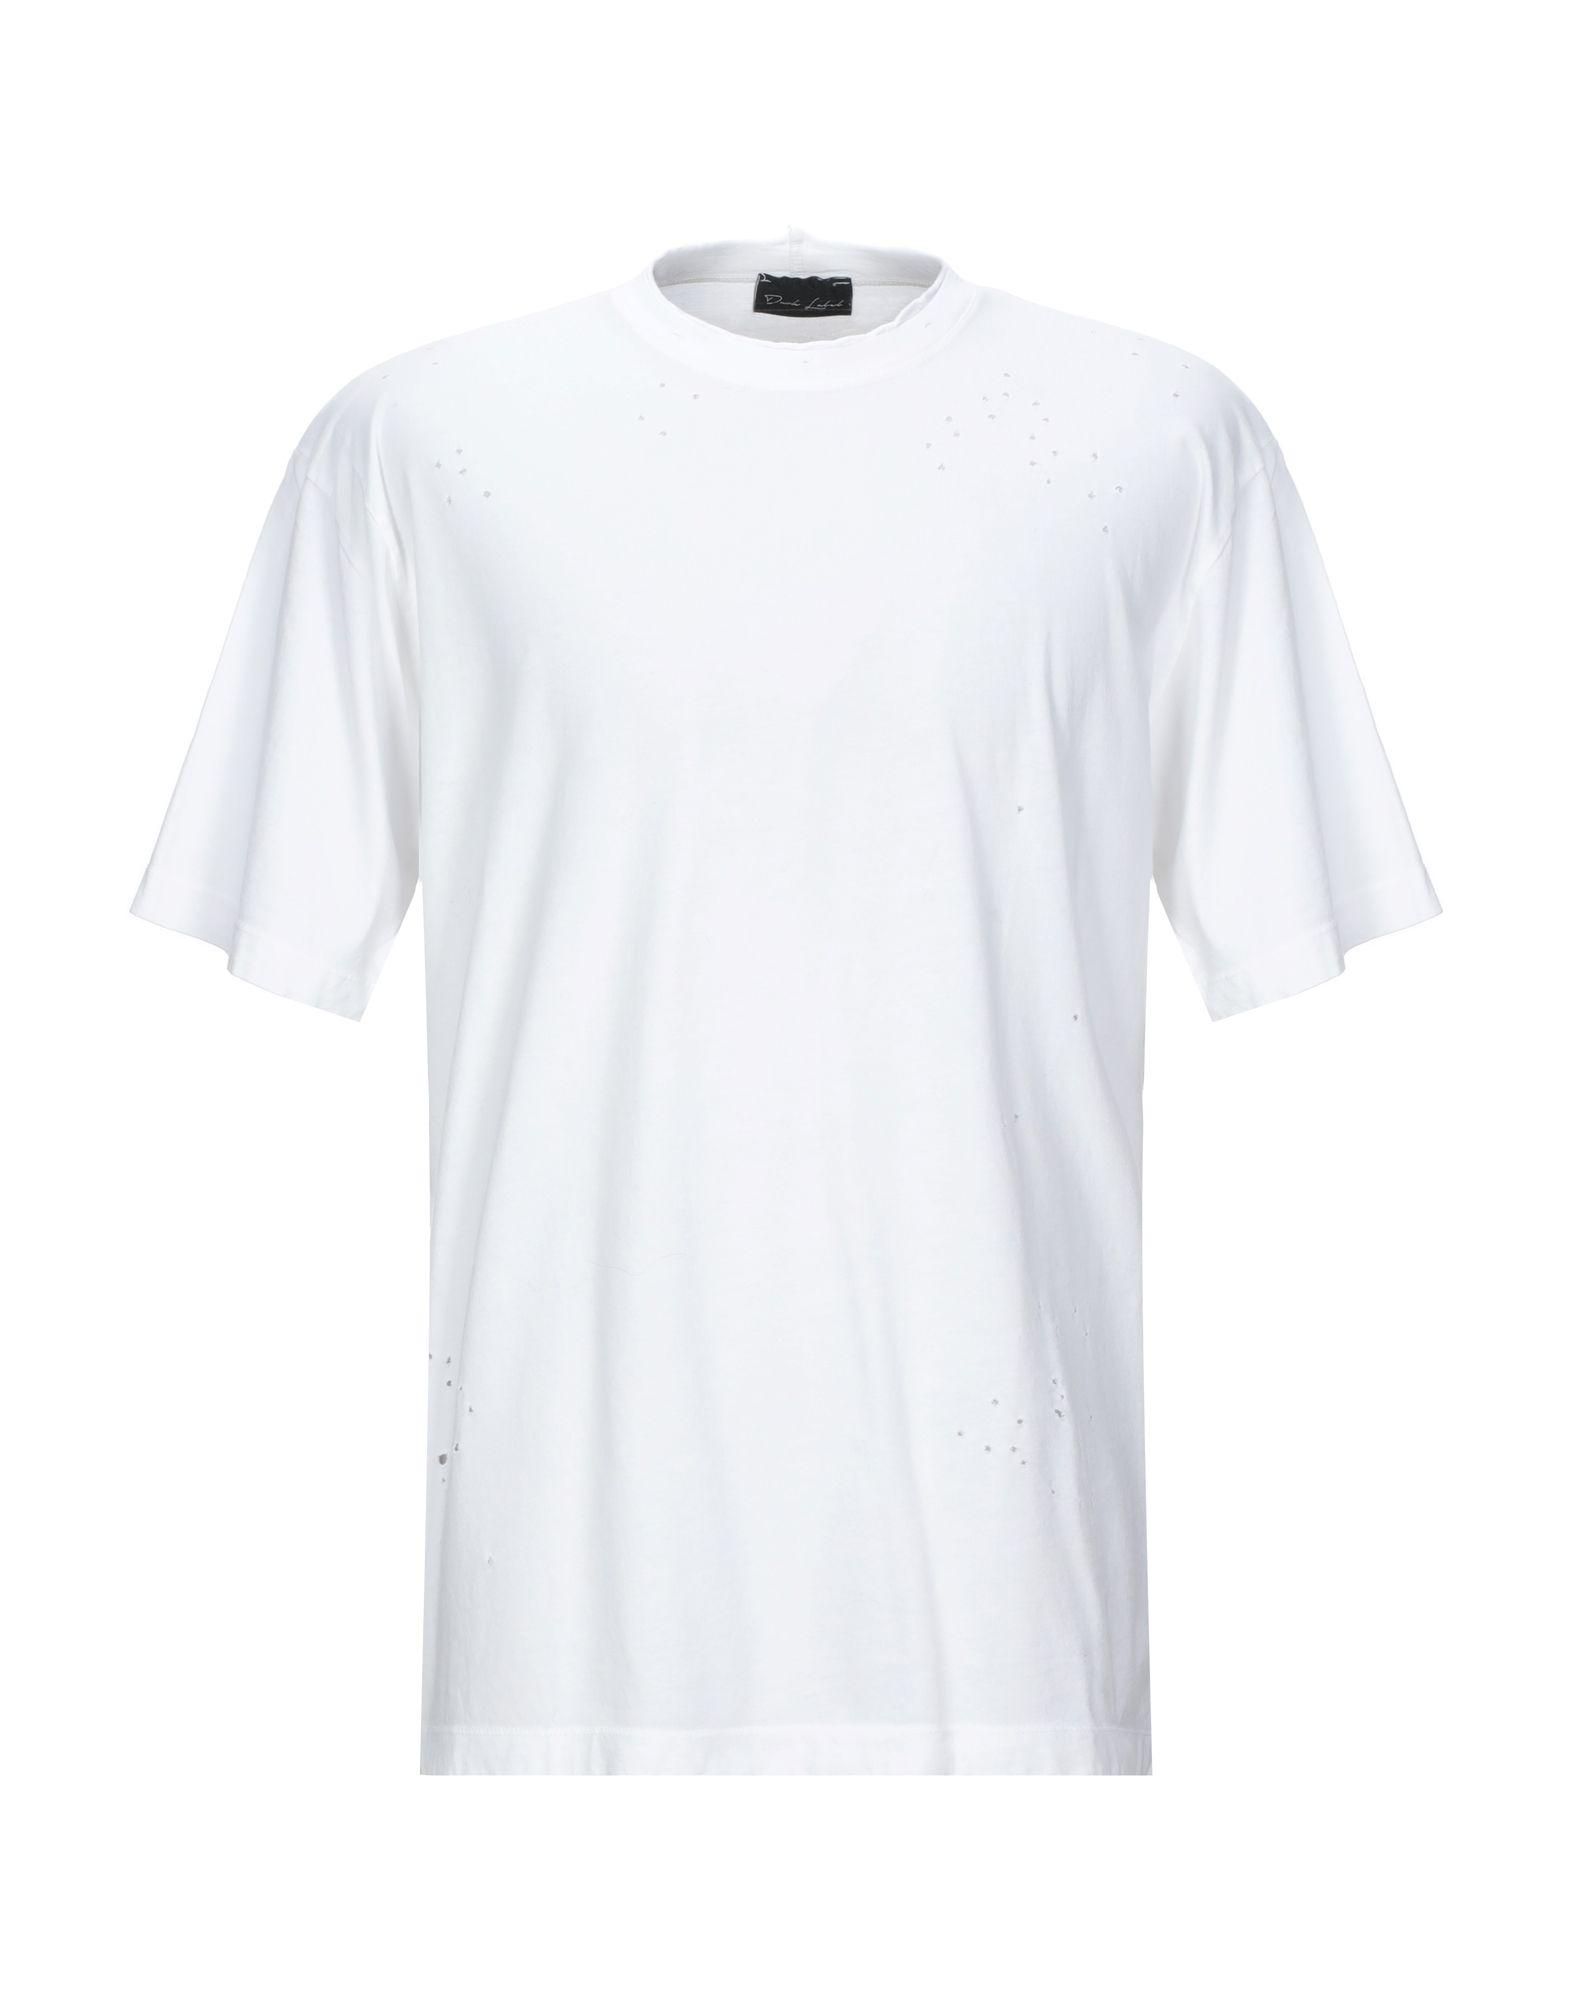 DARK LABEL Футболка dark label pубашка